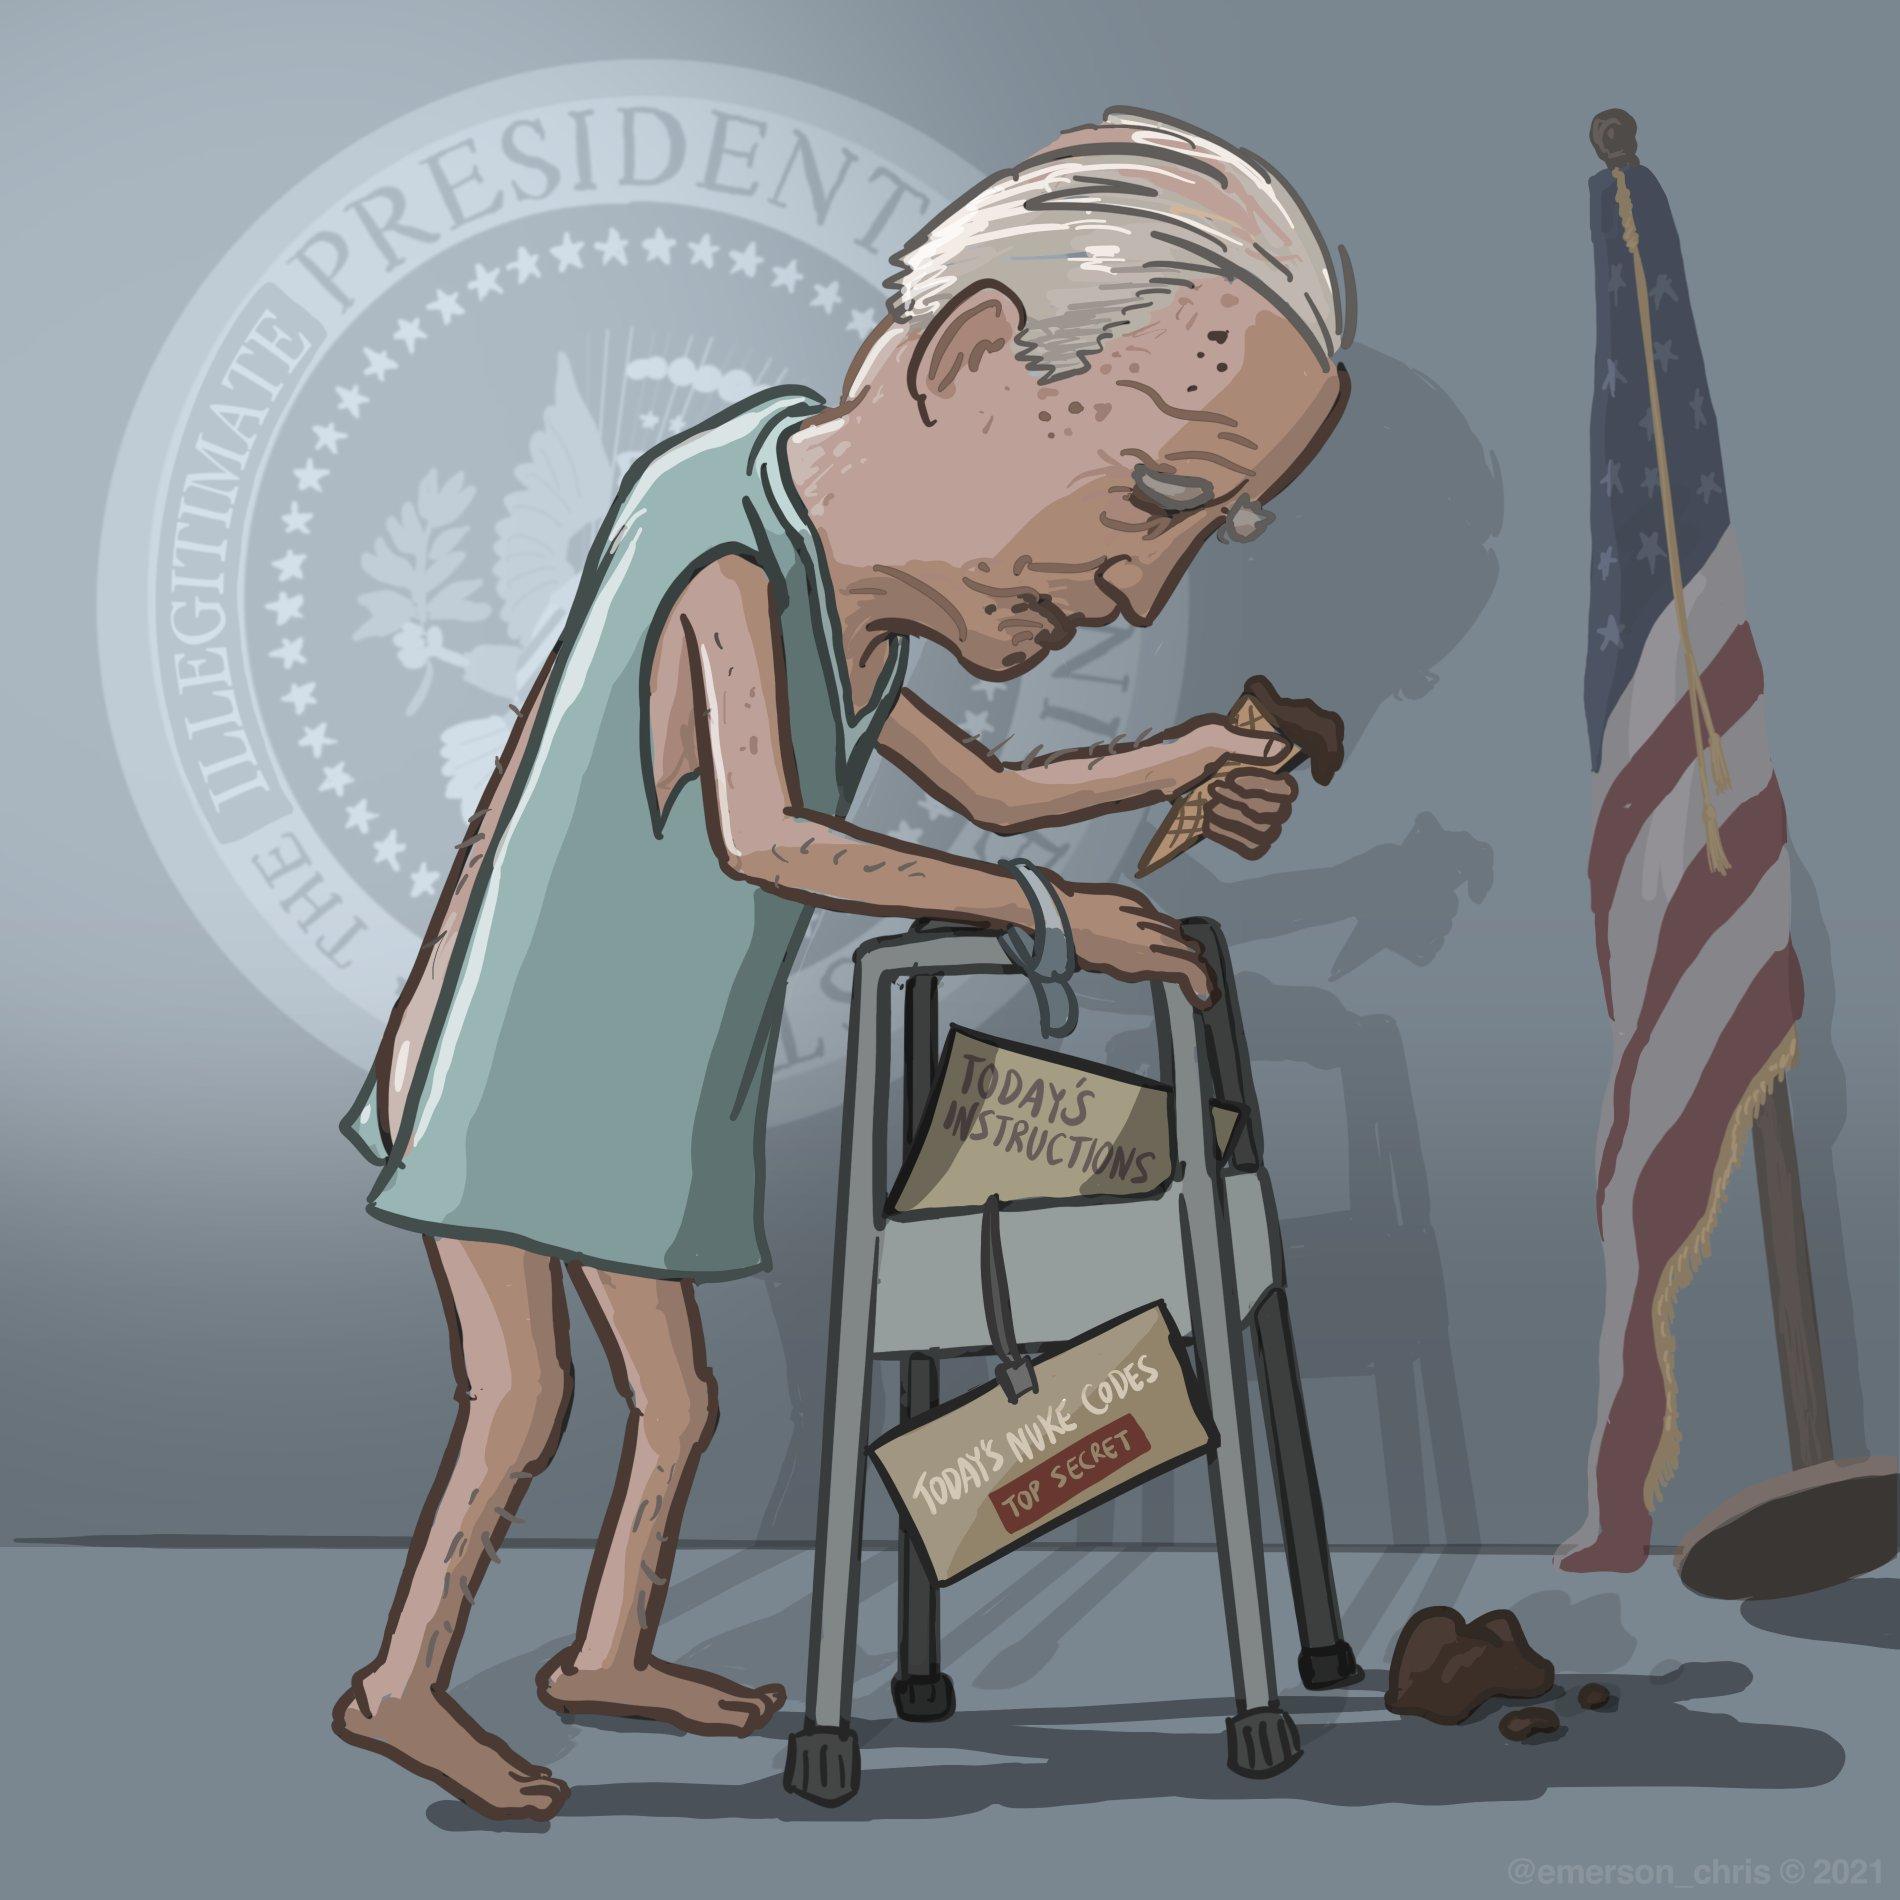 Cartoon of Joe Biden as sleepy, old man in a hospital gown pushing a walker